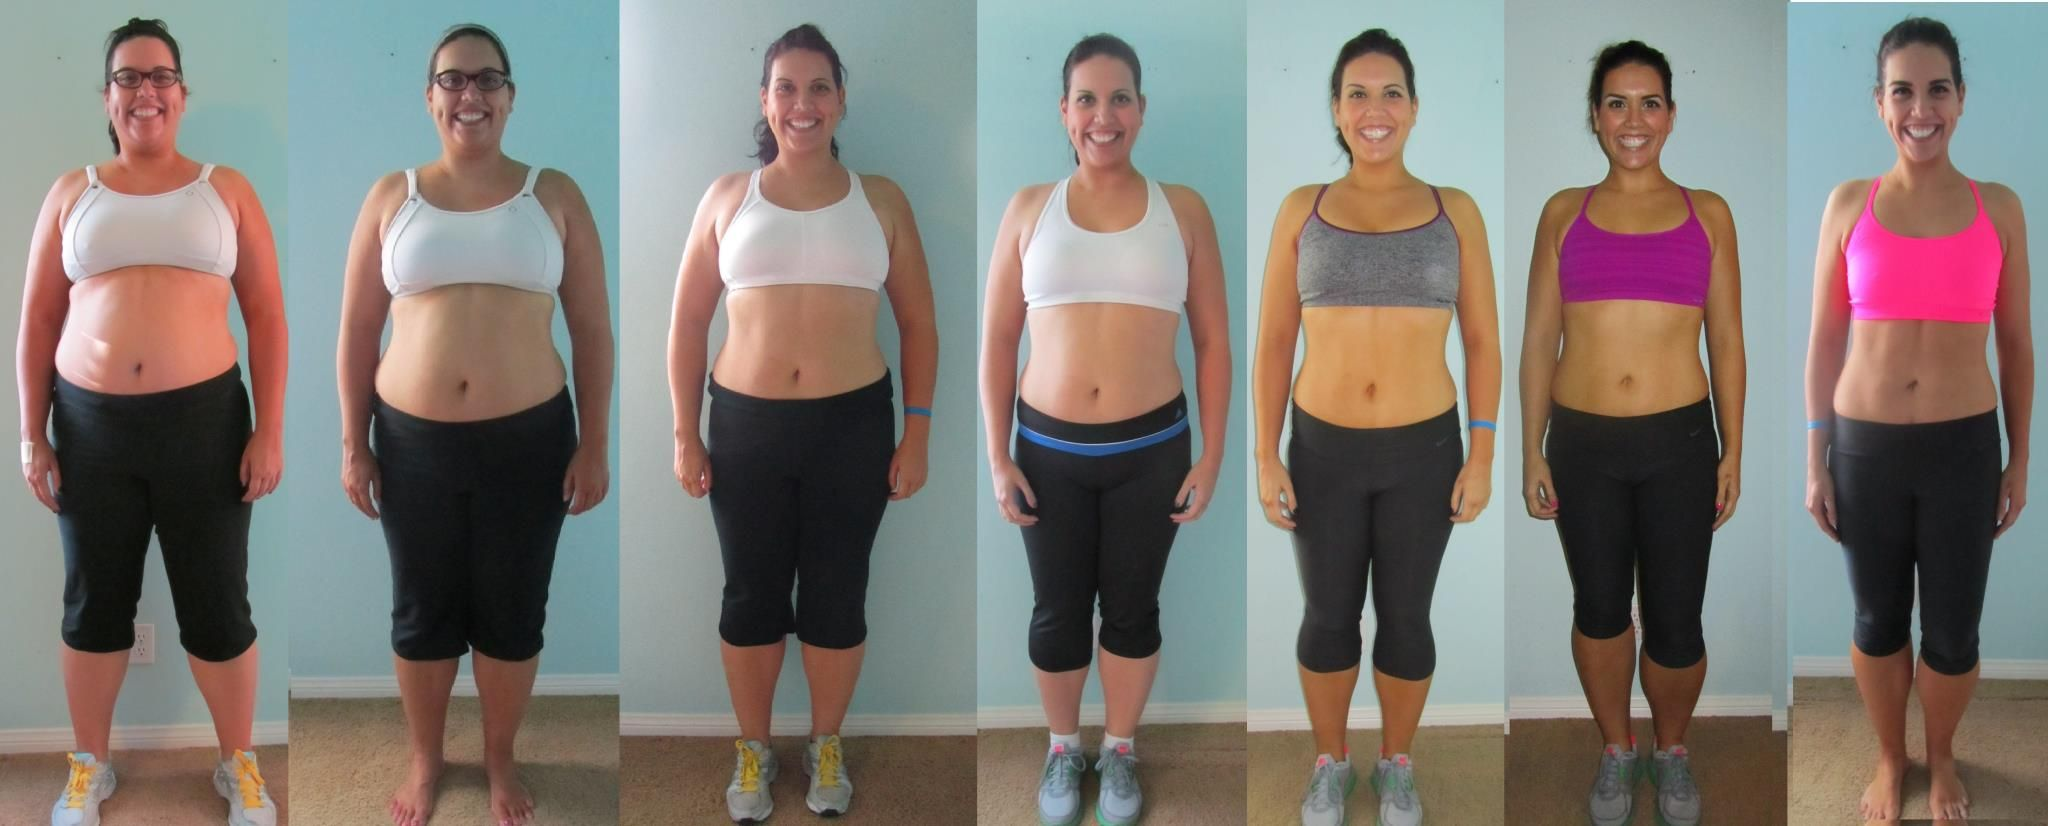 Этапы Похудения У Женщин. О похудении женщин: что худеет в первую очередь, этапы похудения тела